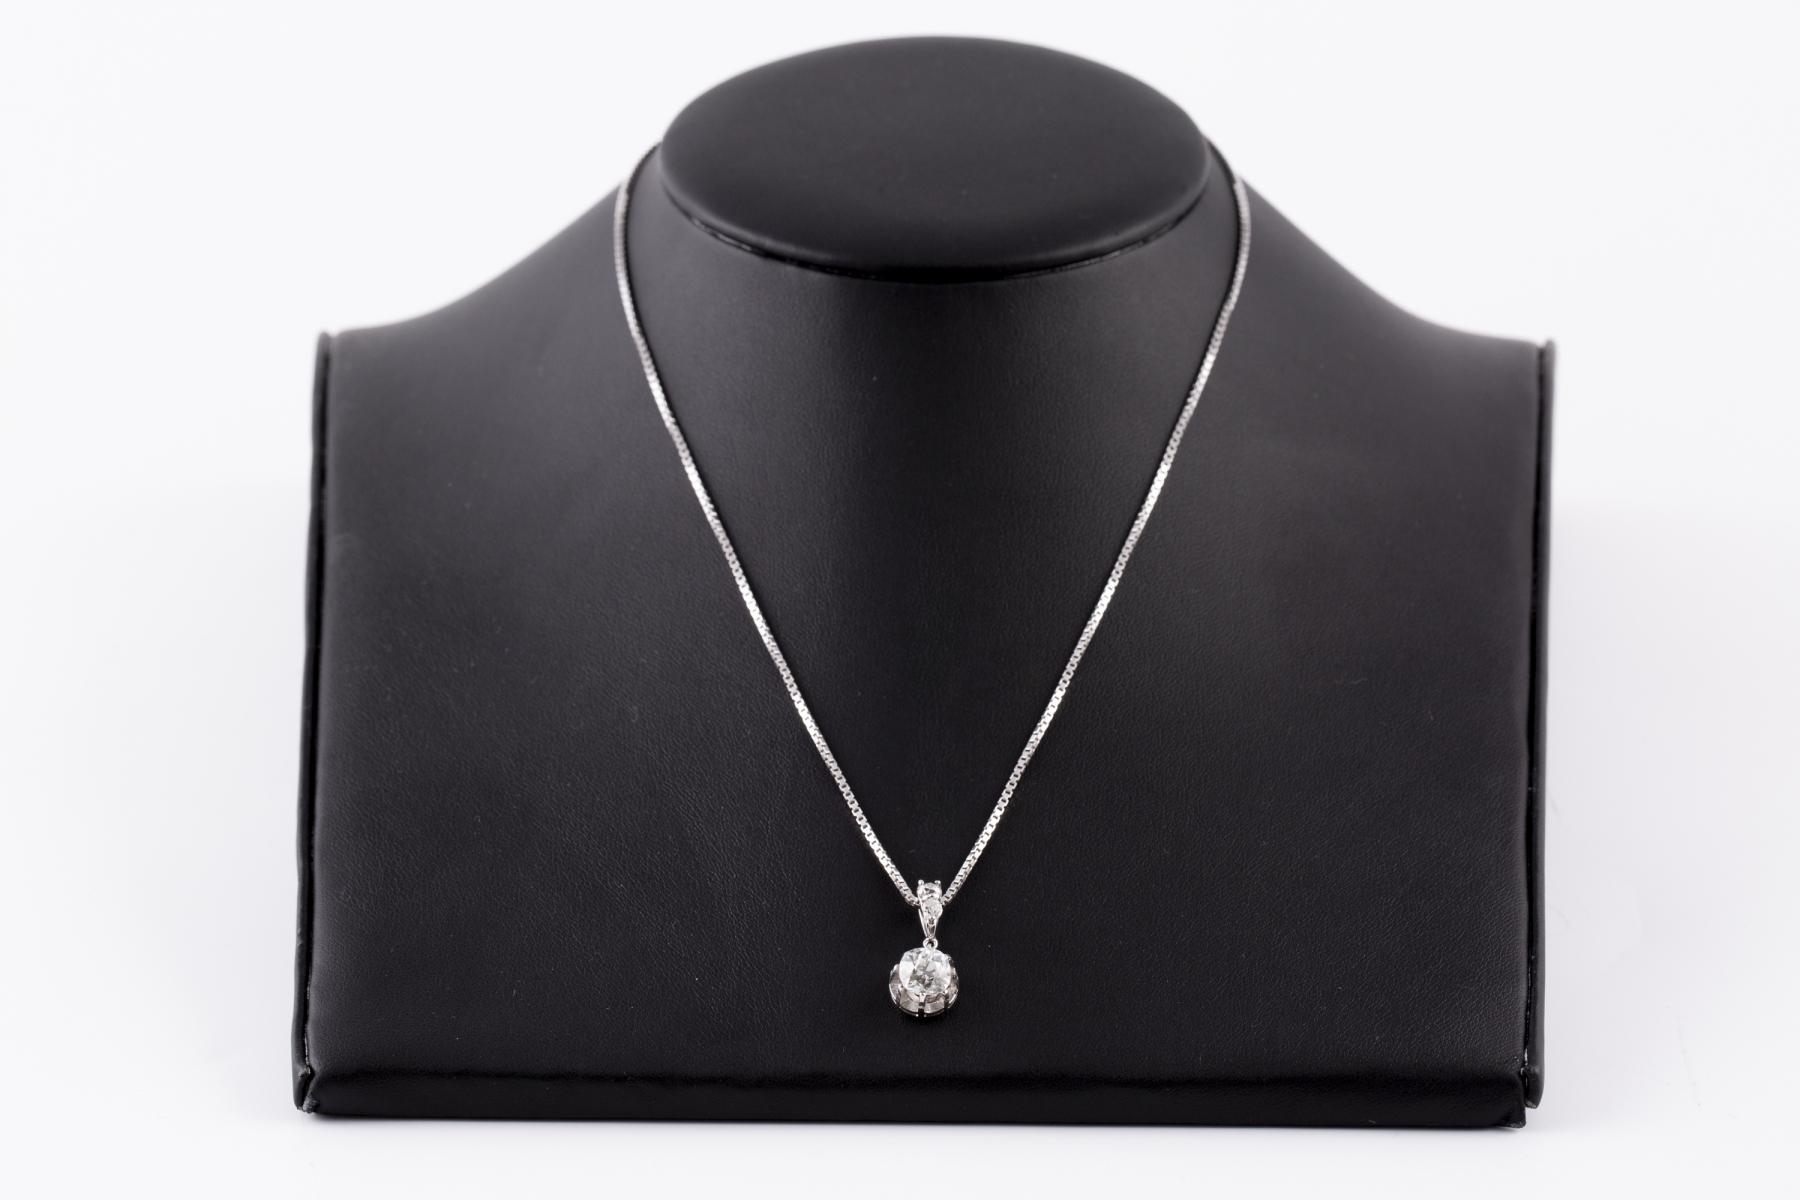 161- Collier en or blanc orné d'un pendentif serti de diamants. Adjugé 3000€